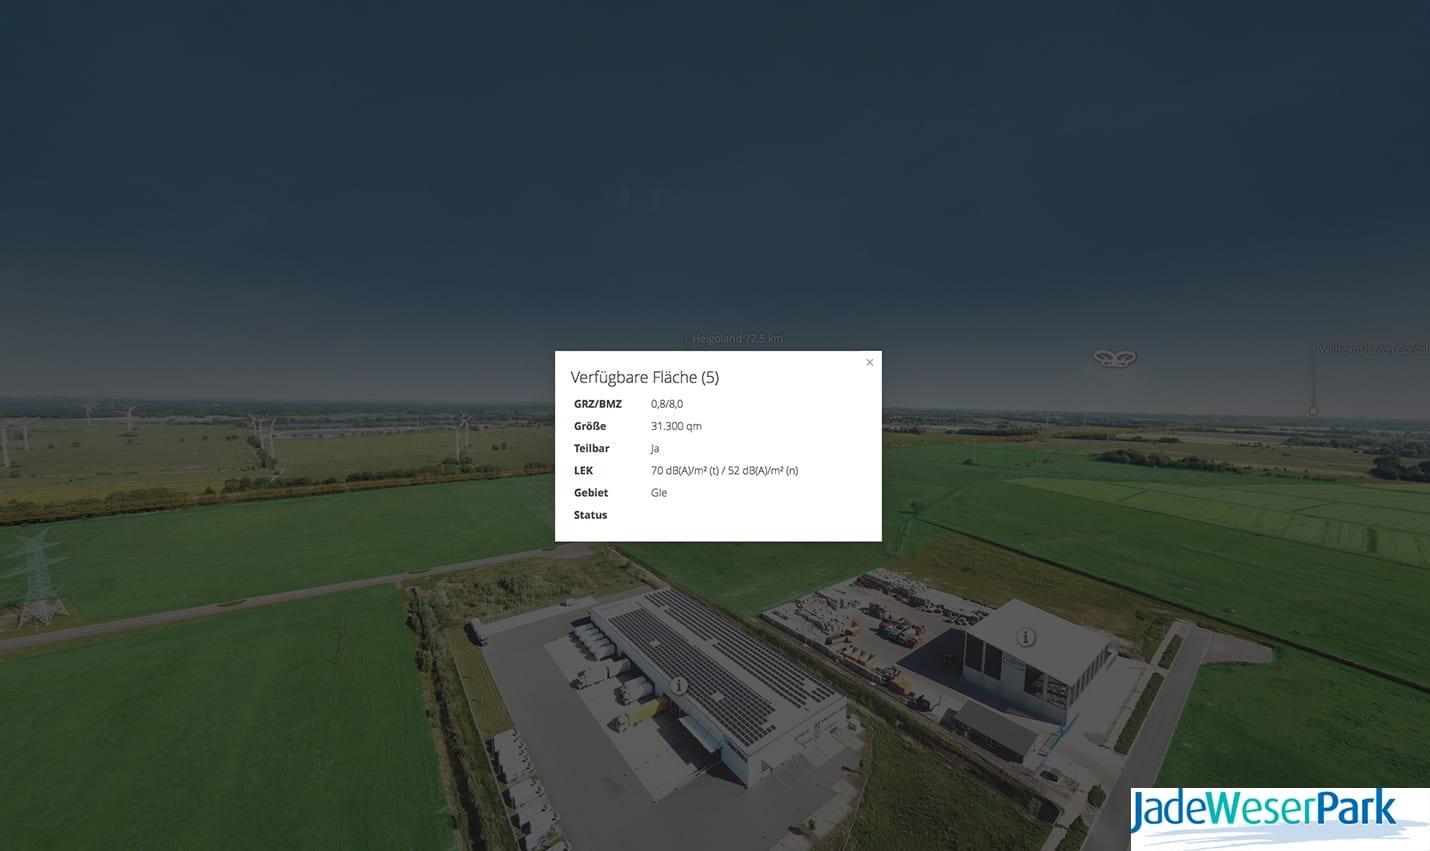 Jade-Weser Park Virtuelle Tour 360 Info-Hotspot